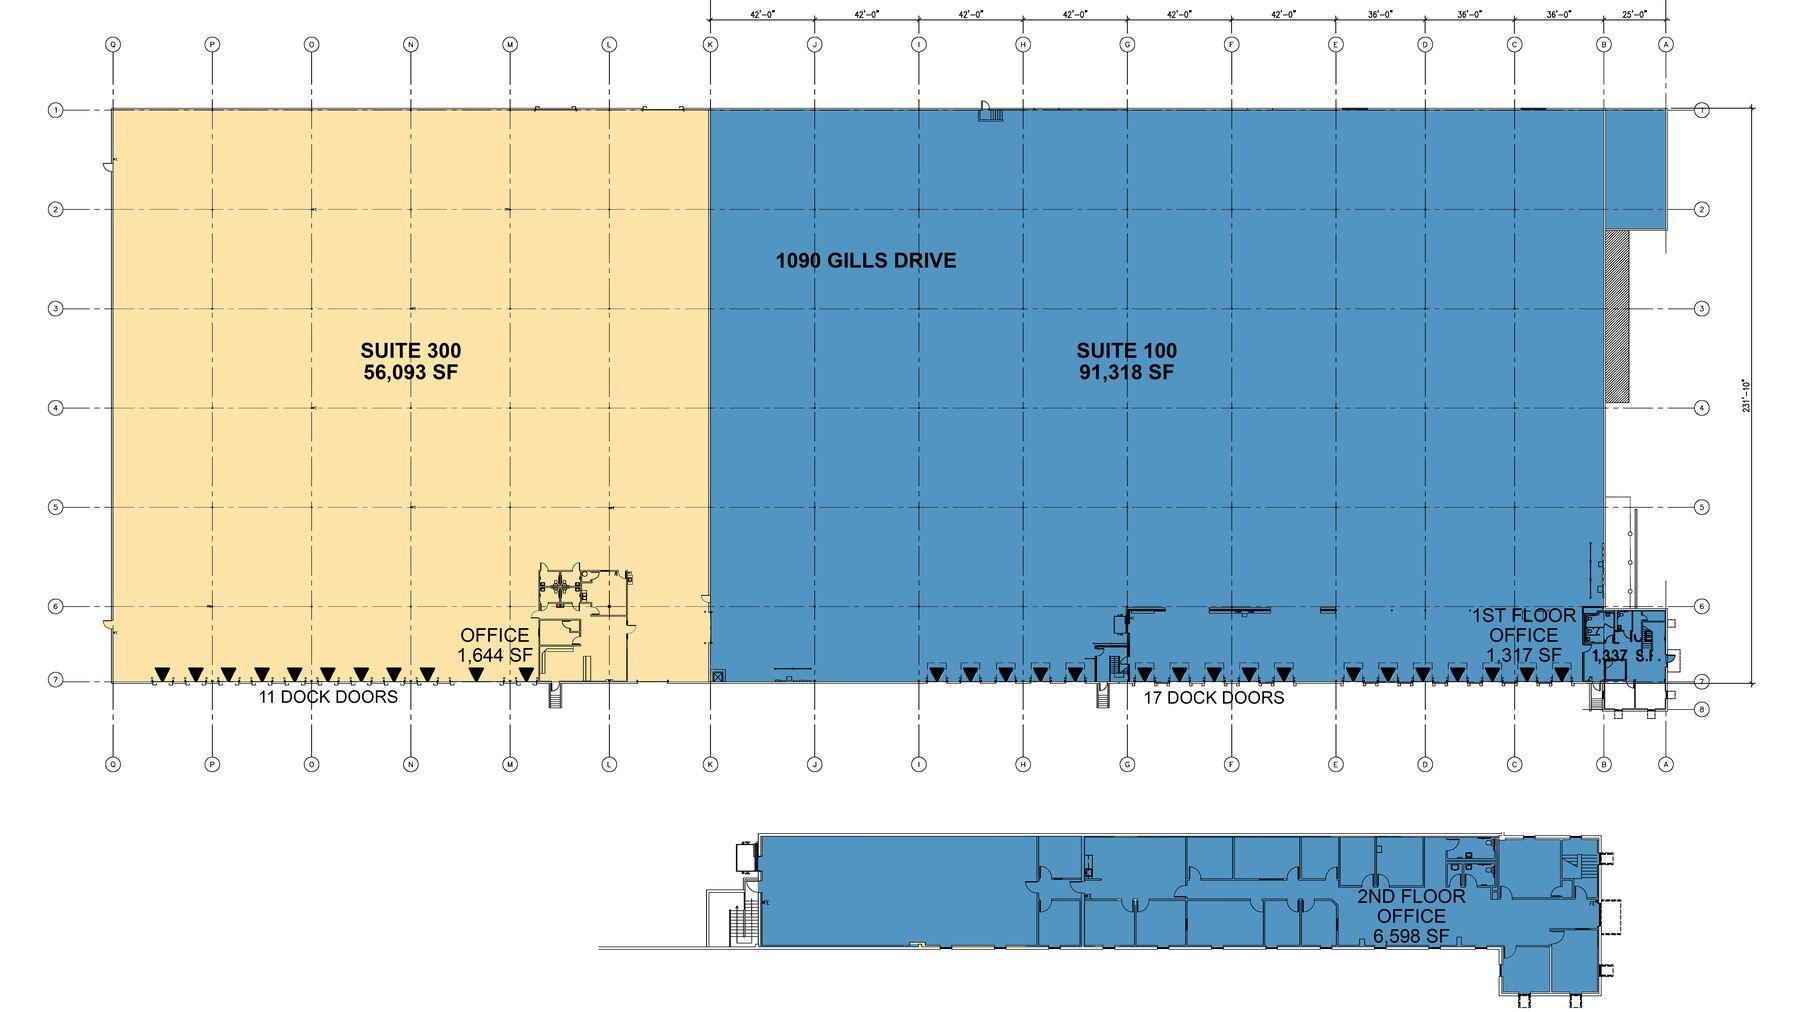 DPM-Prologis-Crossroads_1090-Gills-Dr-100_Flyer-Plan.jpg